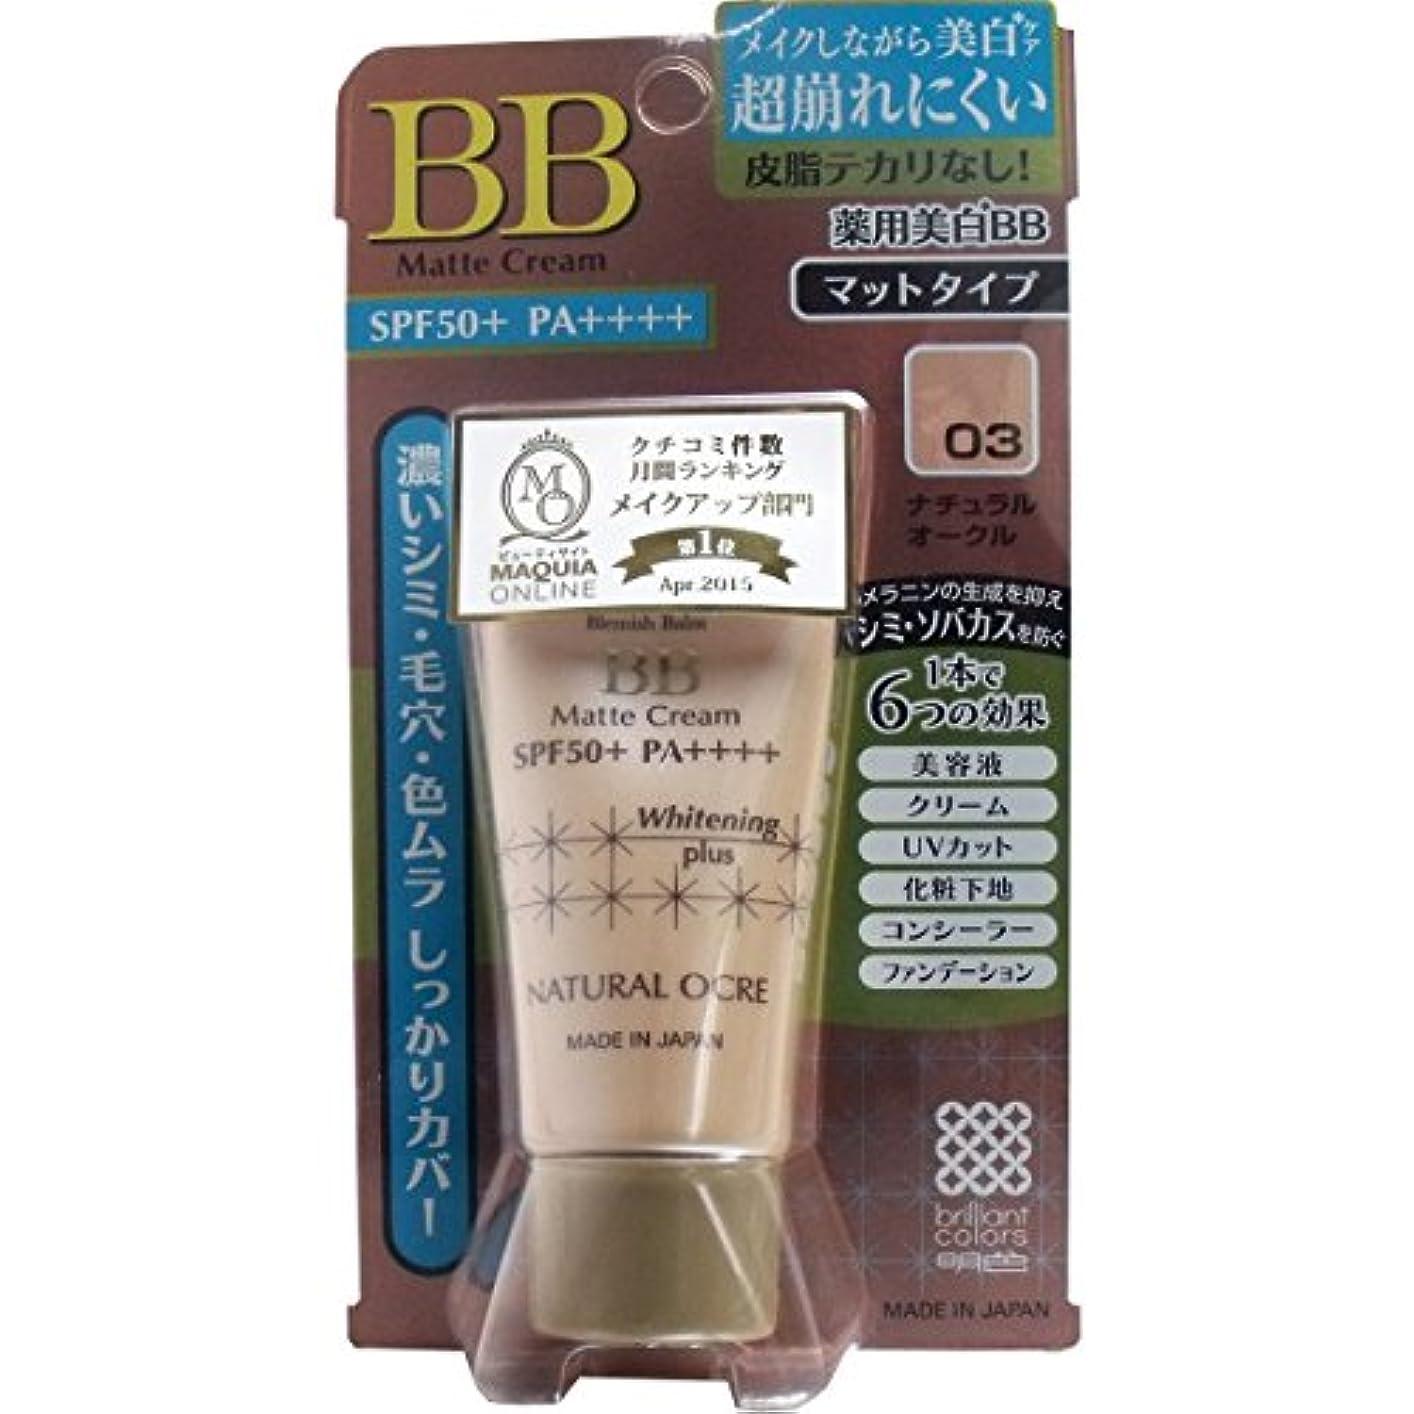 締め切りシャッター目に見える明色化粧品 モイストラボ BBマットクリーム SPF50+ PA++++ 33g ナチュラルオークル (在庫)